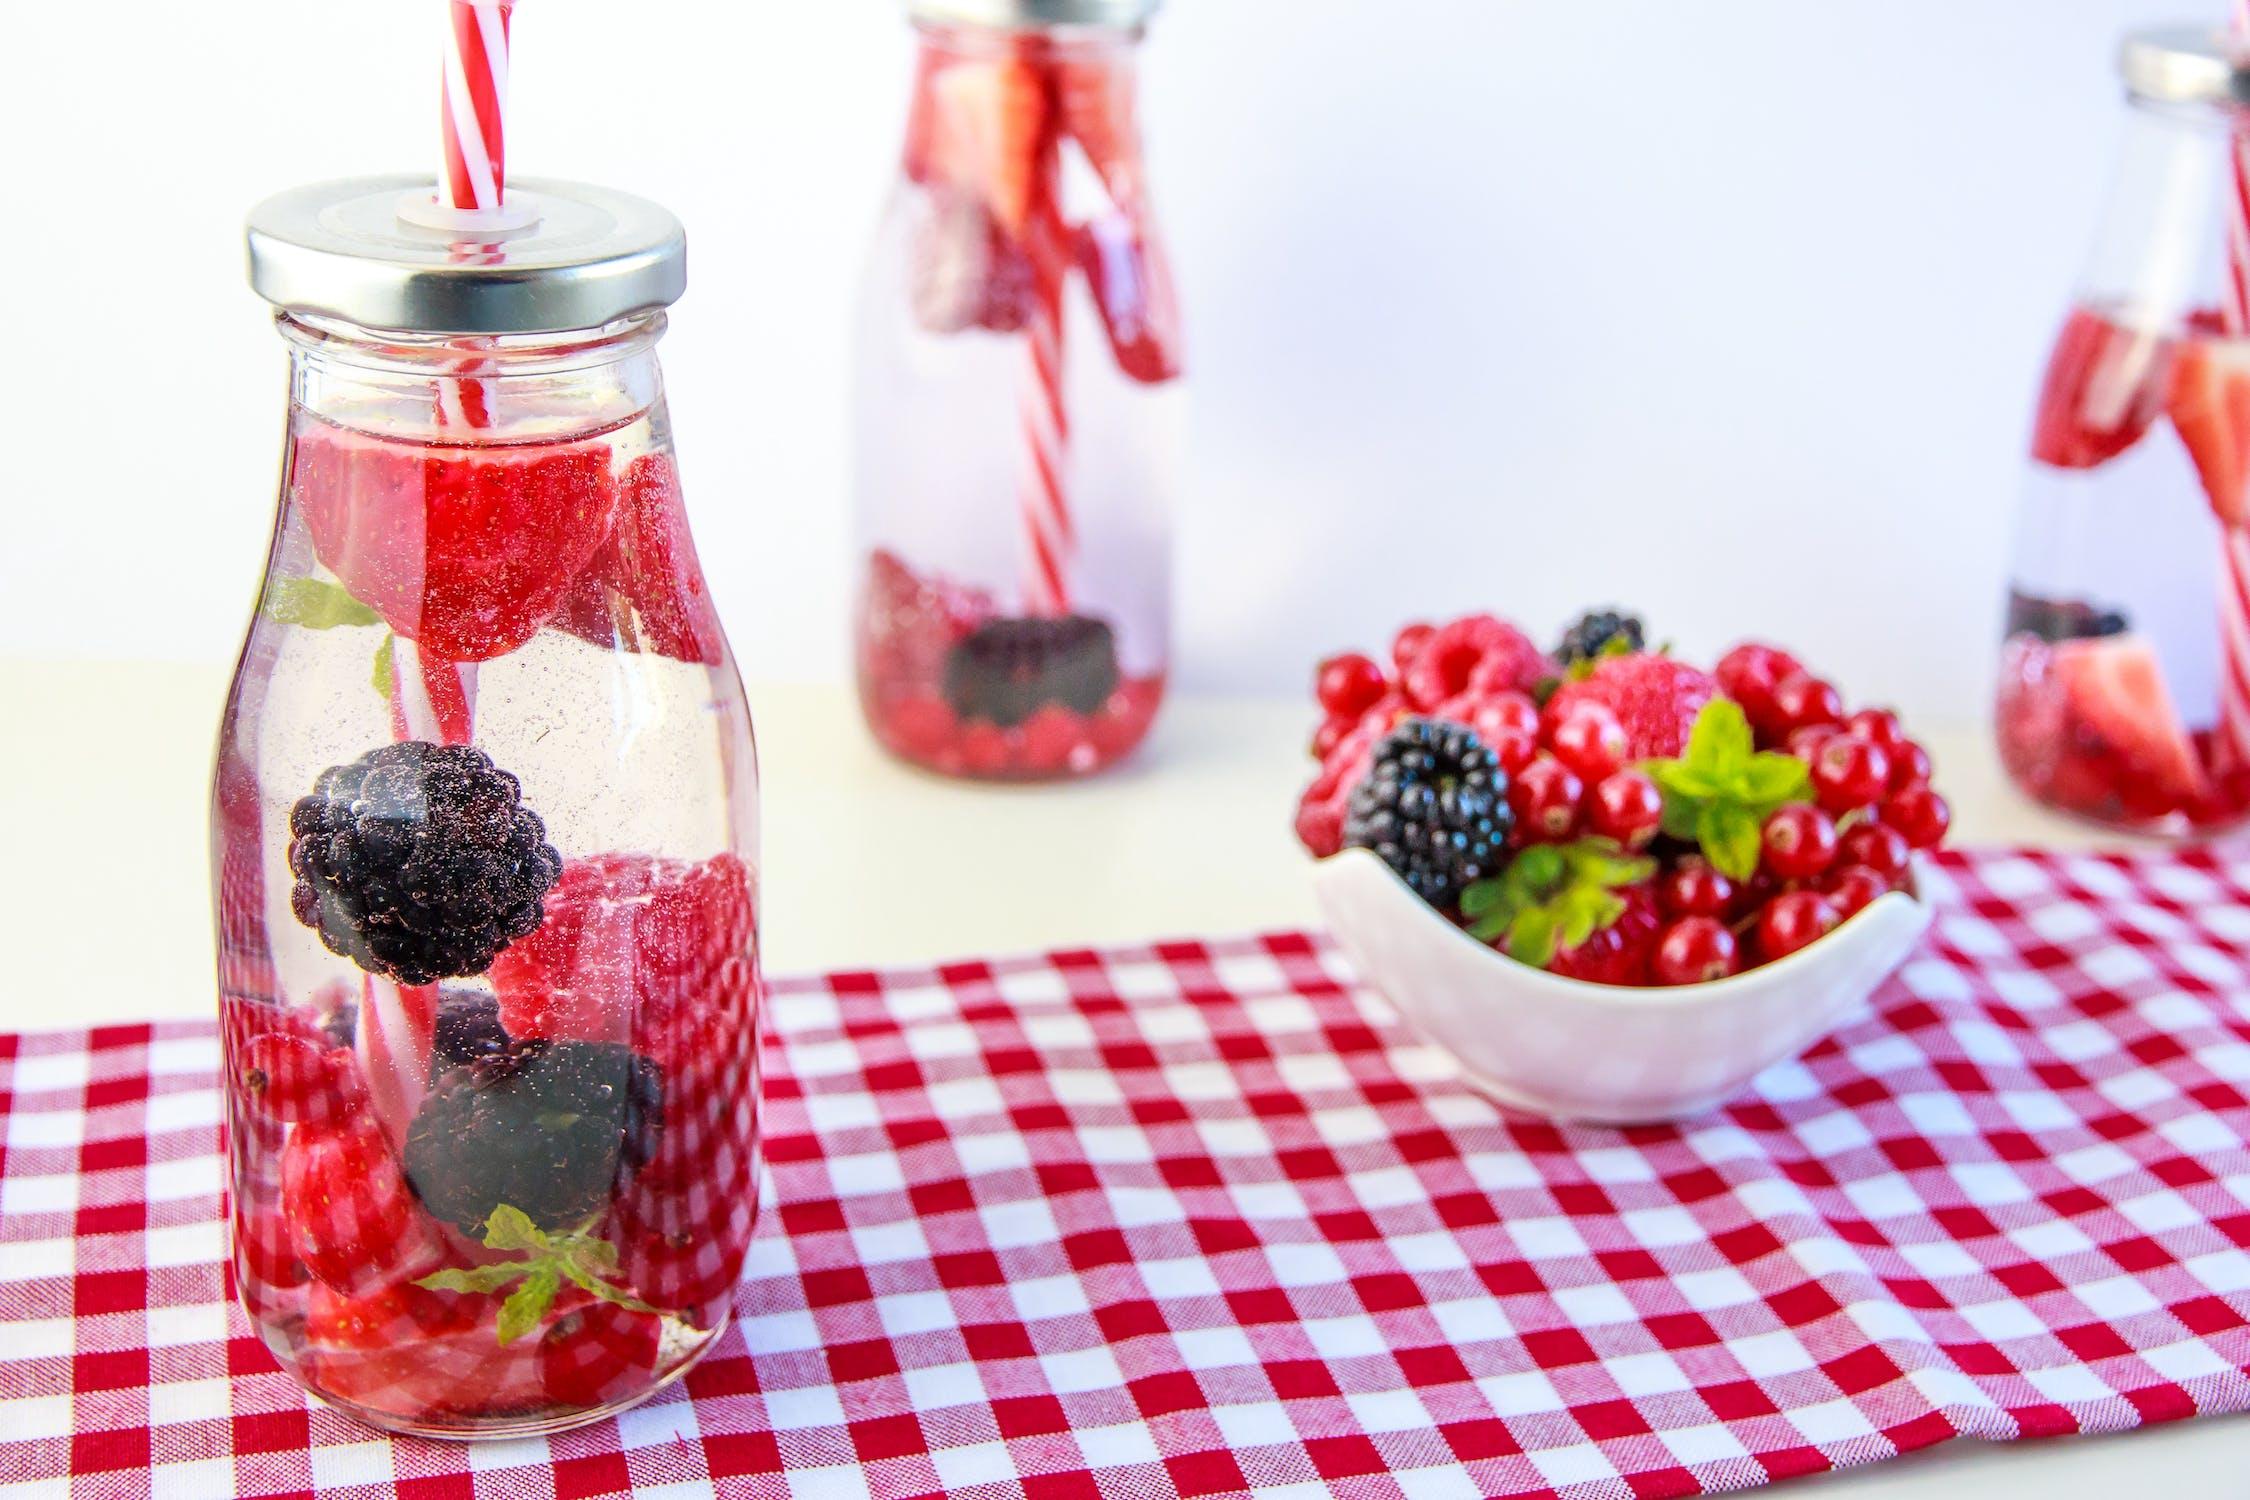 jak jeść zdrowo w upeł, wody smakowe ze świeżych owoców